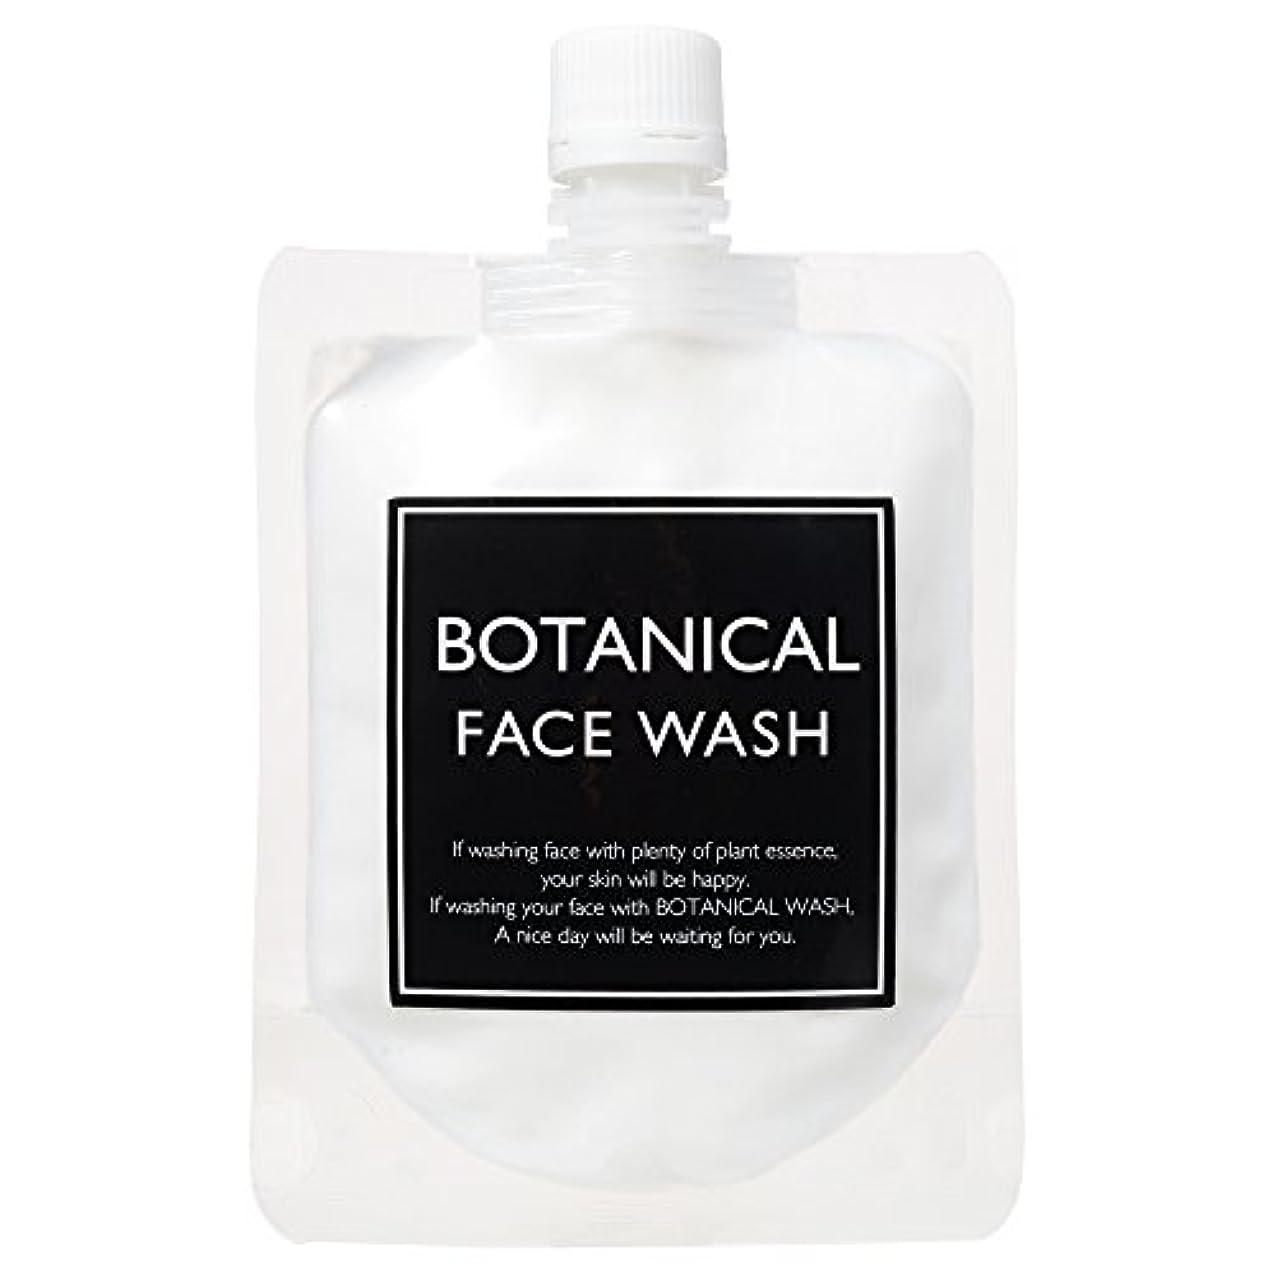 シンク成果蜂【BOTANICAL FACE WASH】 ボタニカル フェイスウォッシュ 150g 泡洗顔